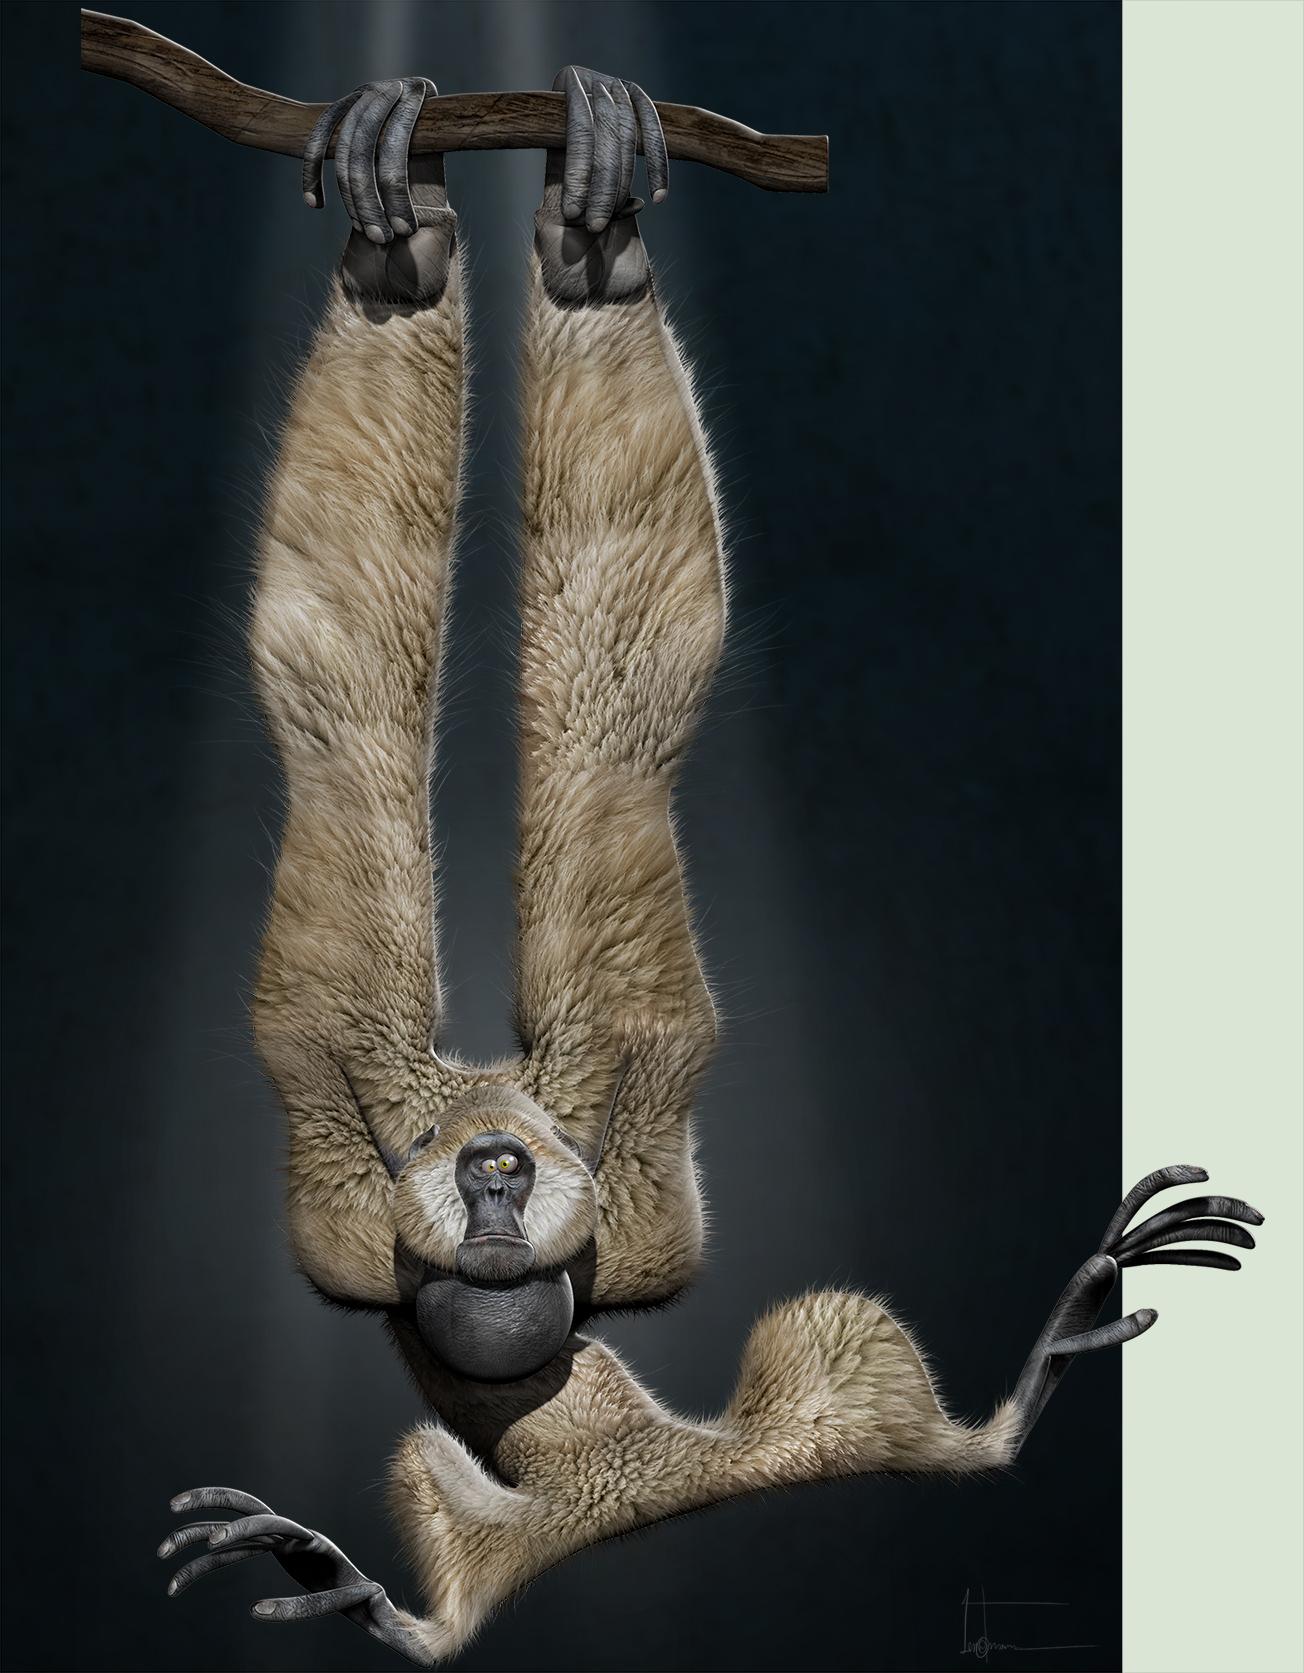 Gibbon by JBVendamme